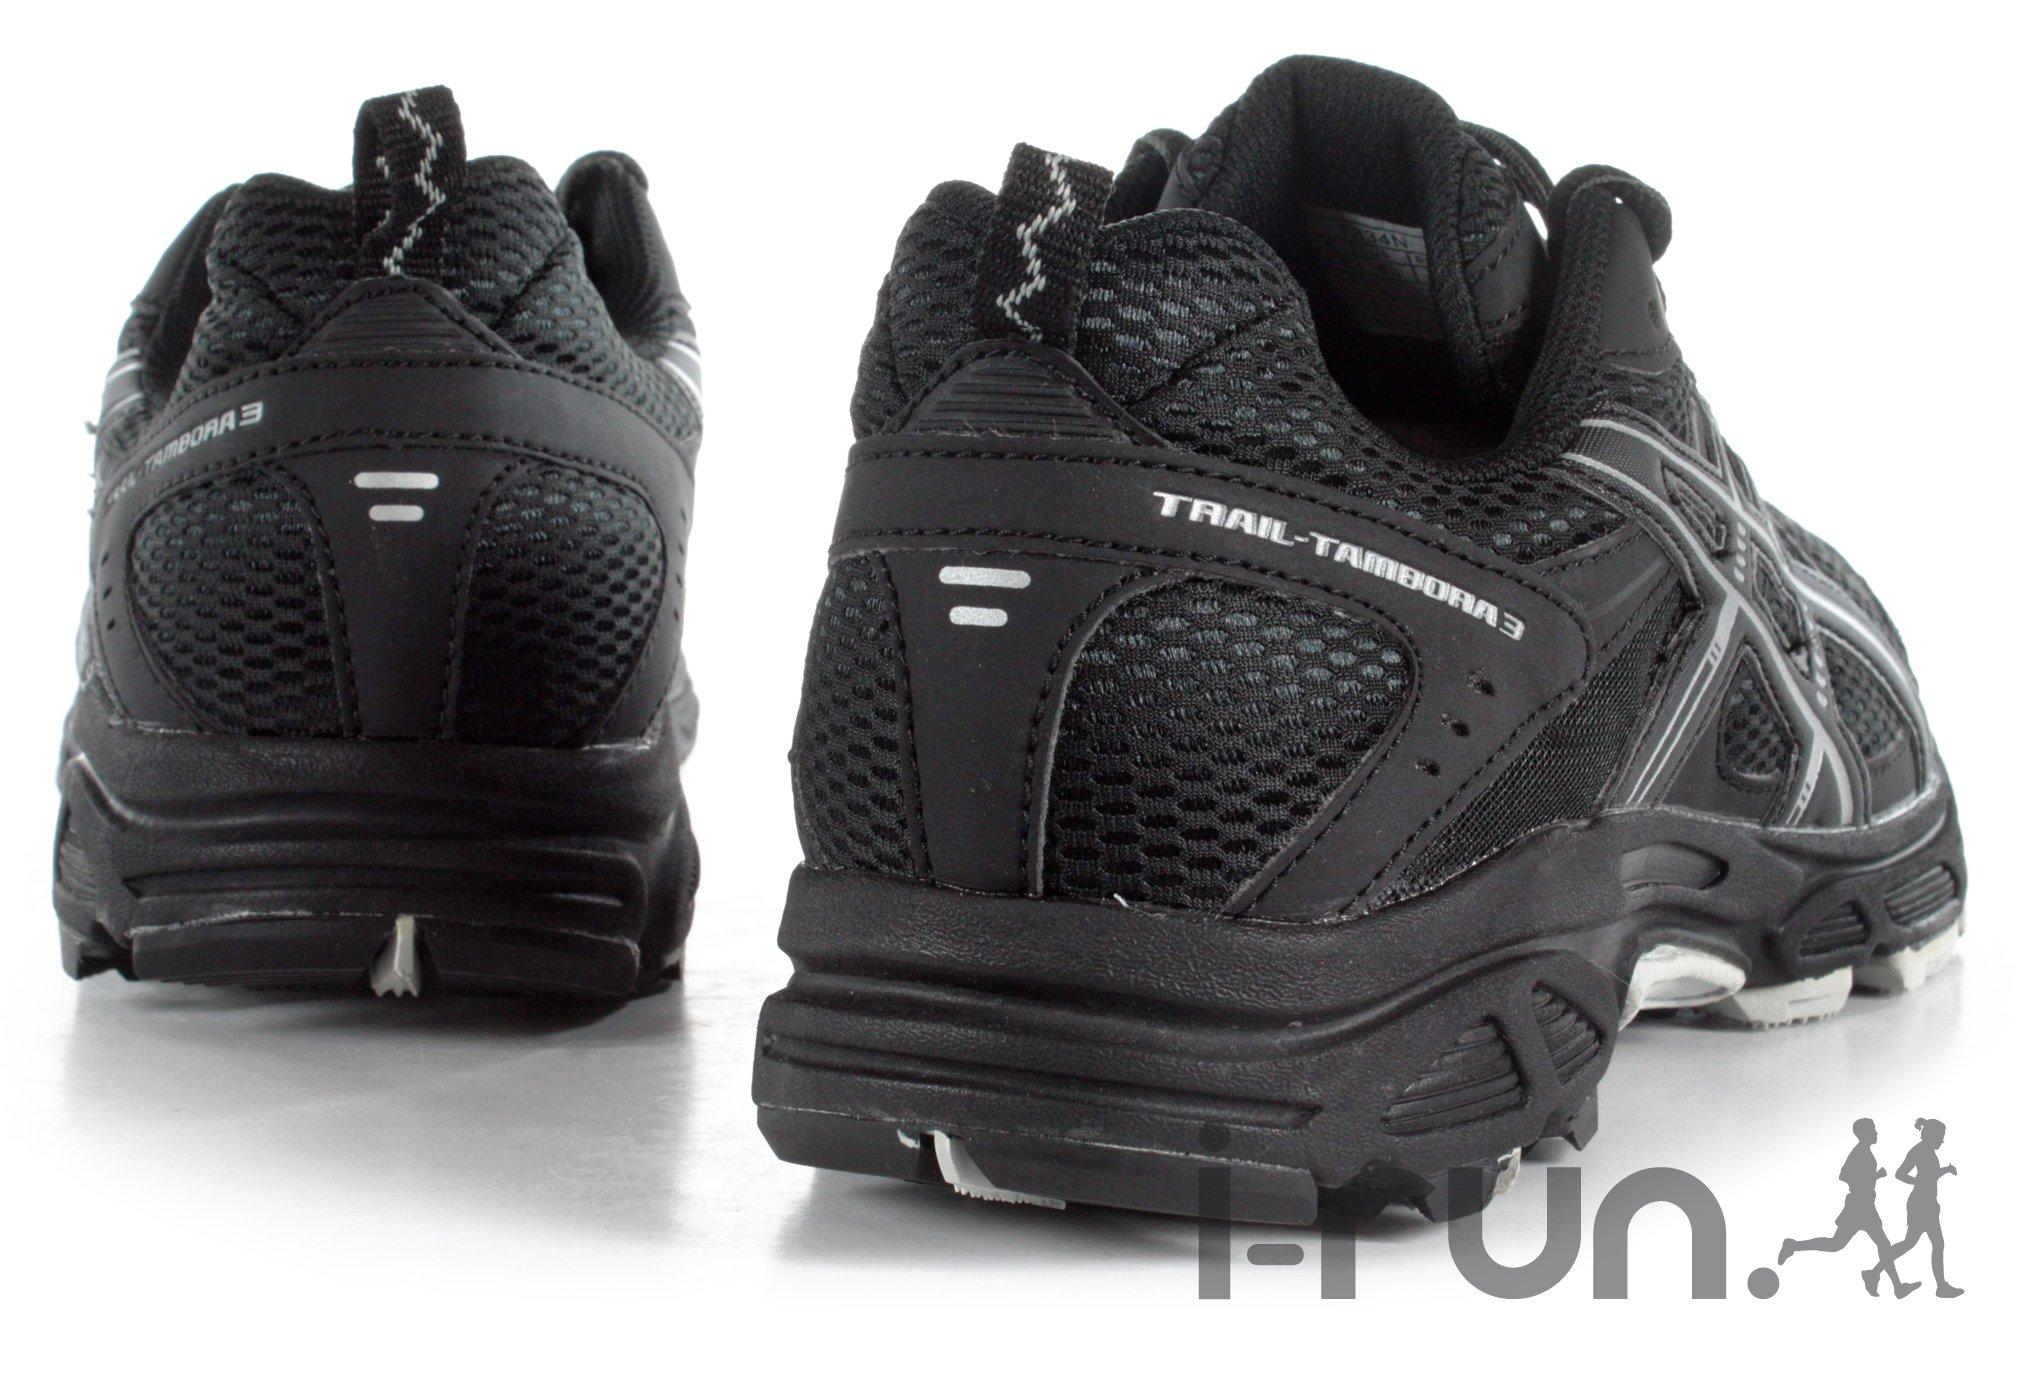 Asics Chaussures Tambora De Trail Running 3 f7YqnYA4